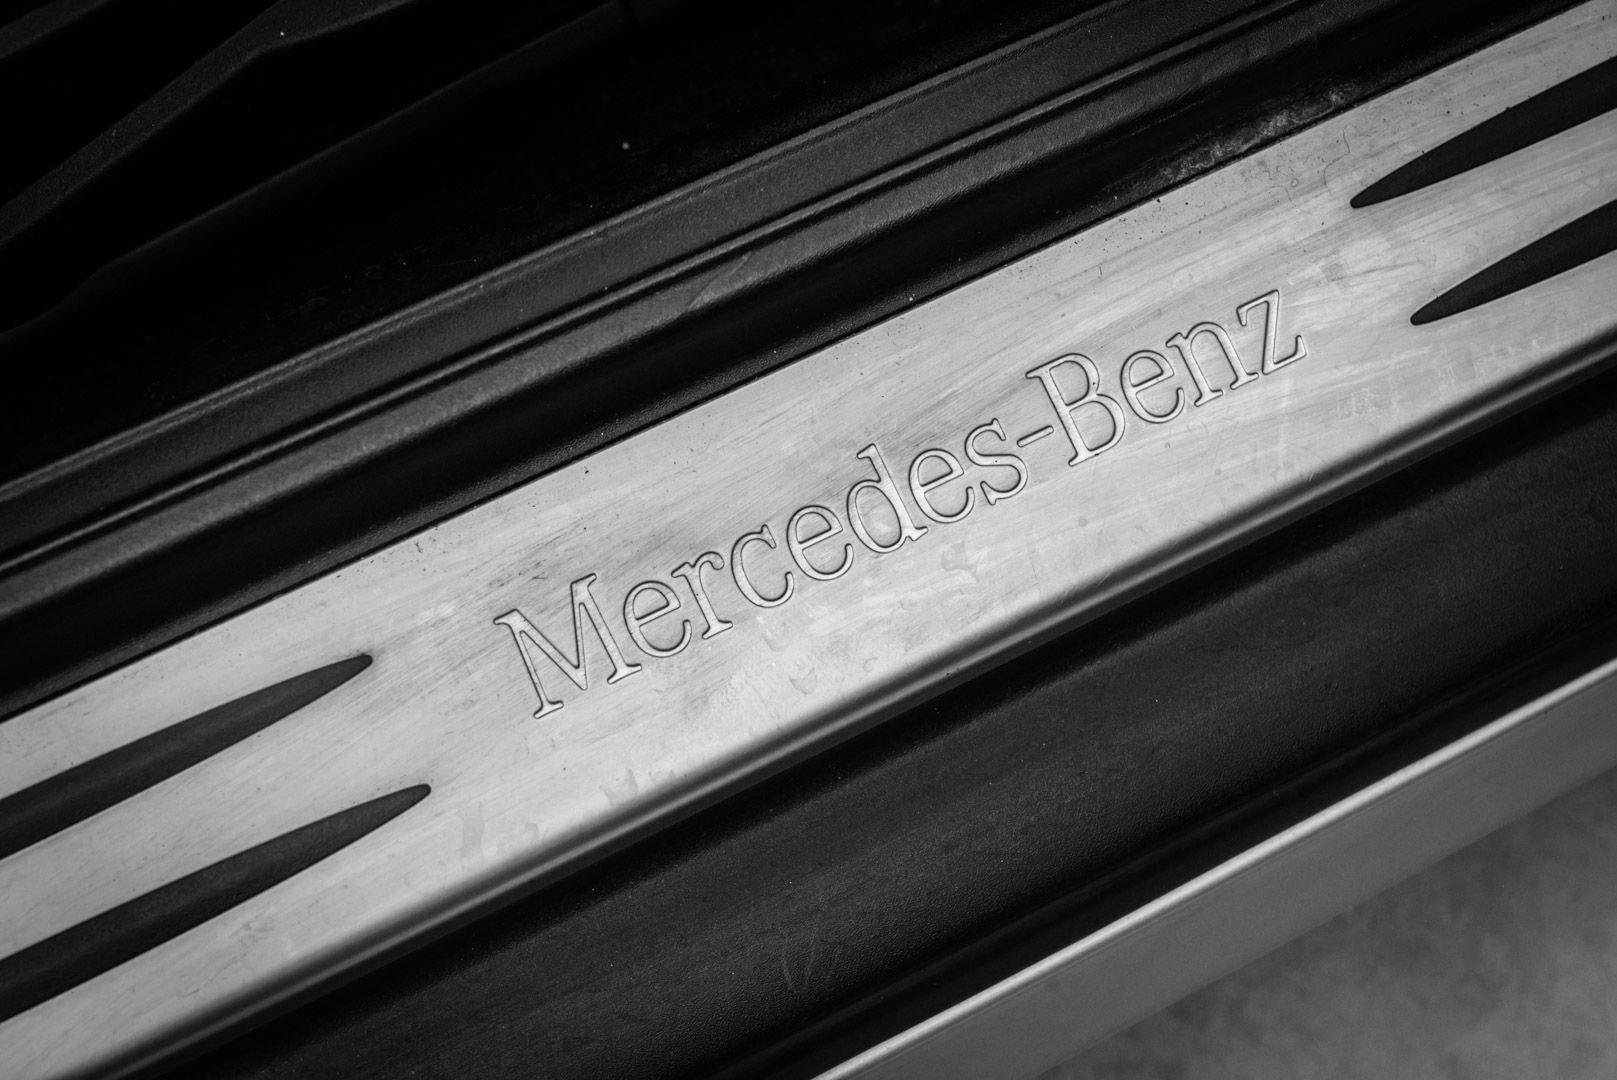 2004 Mercedes Benz SLK 200 Kompressor 80677